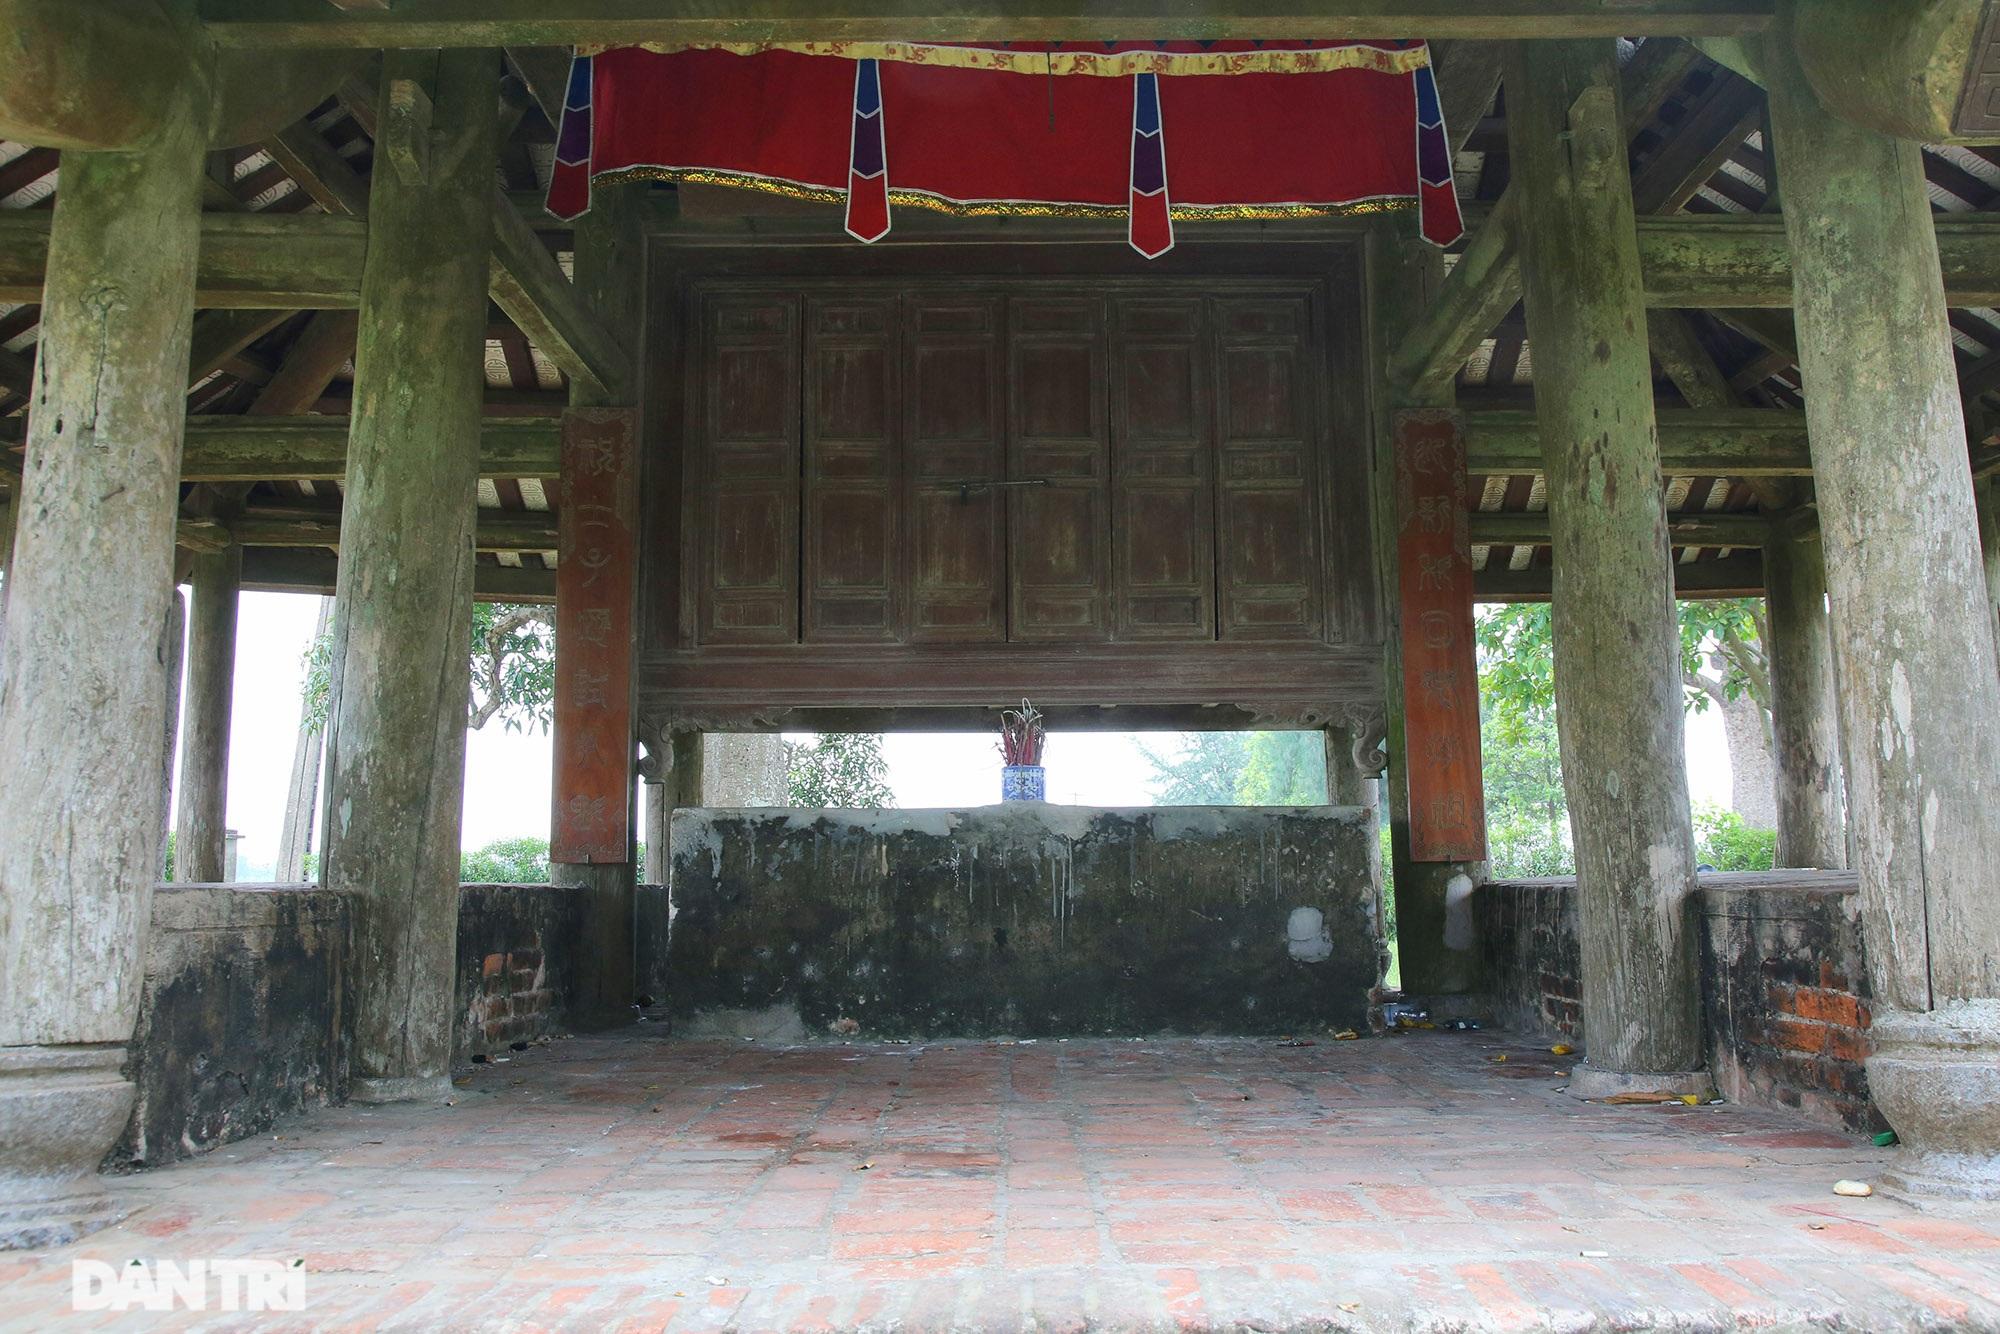 Huyền tích nghìn đời qua những ngôi quán cổ ở Hà Nội - 3